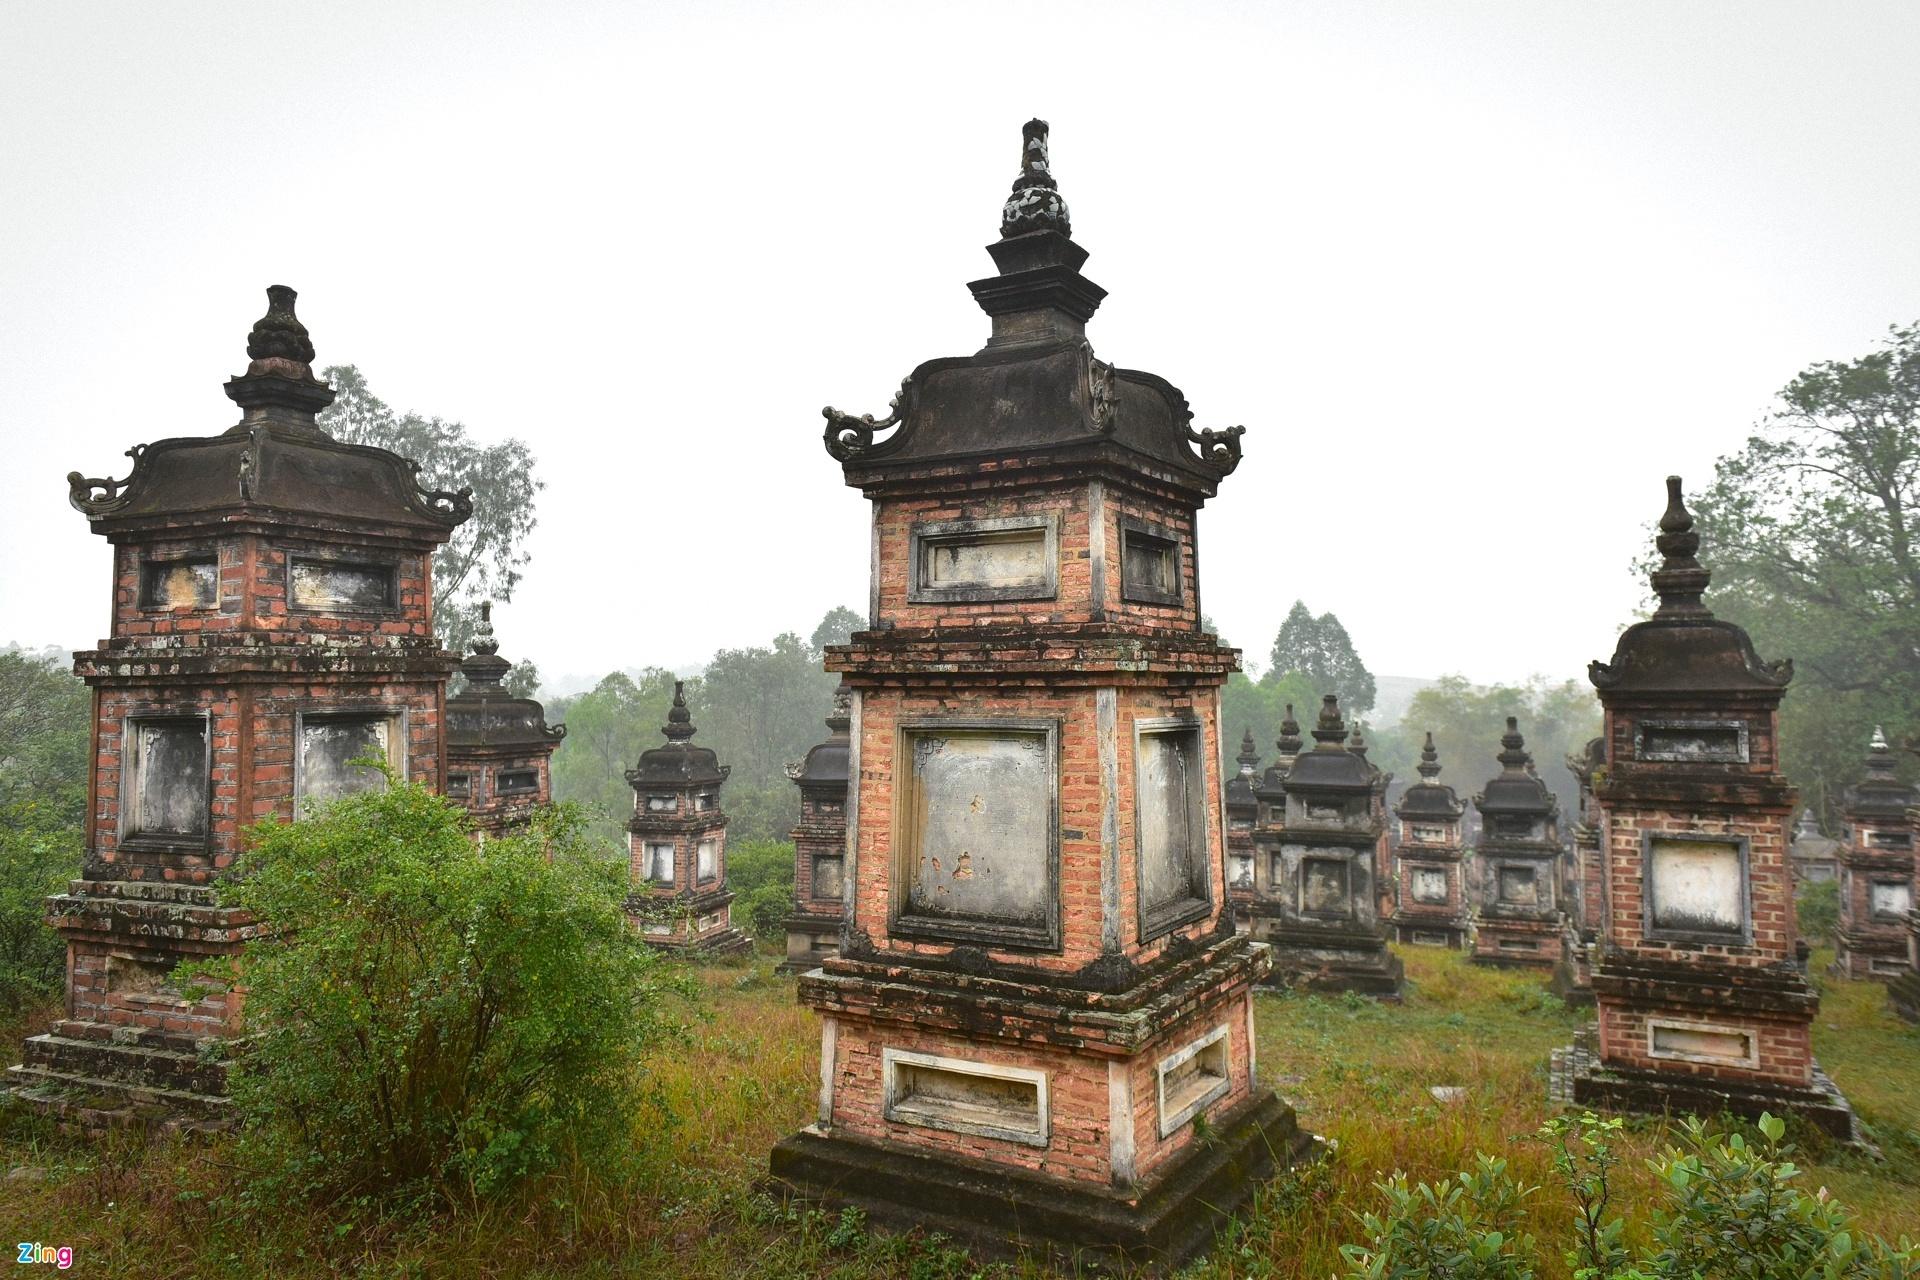 Nhung ngoi chua noi tieng Viet Nam anh 6  - 1_ - Loạt tháp chùa đạt kỷ lục ở Việt Nam